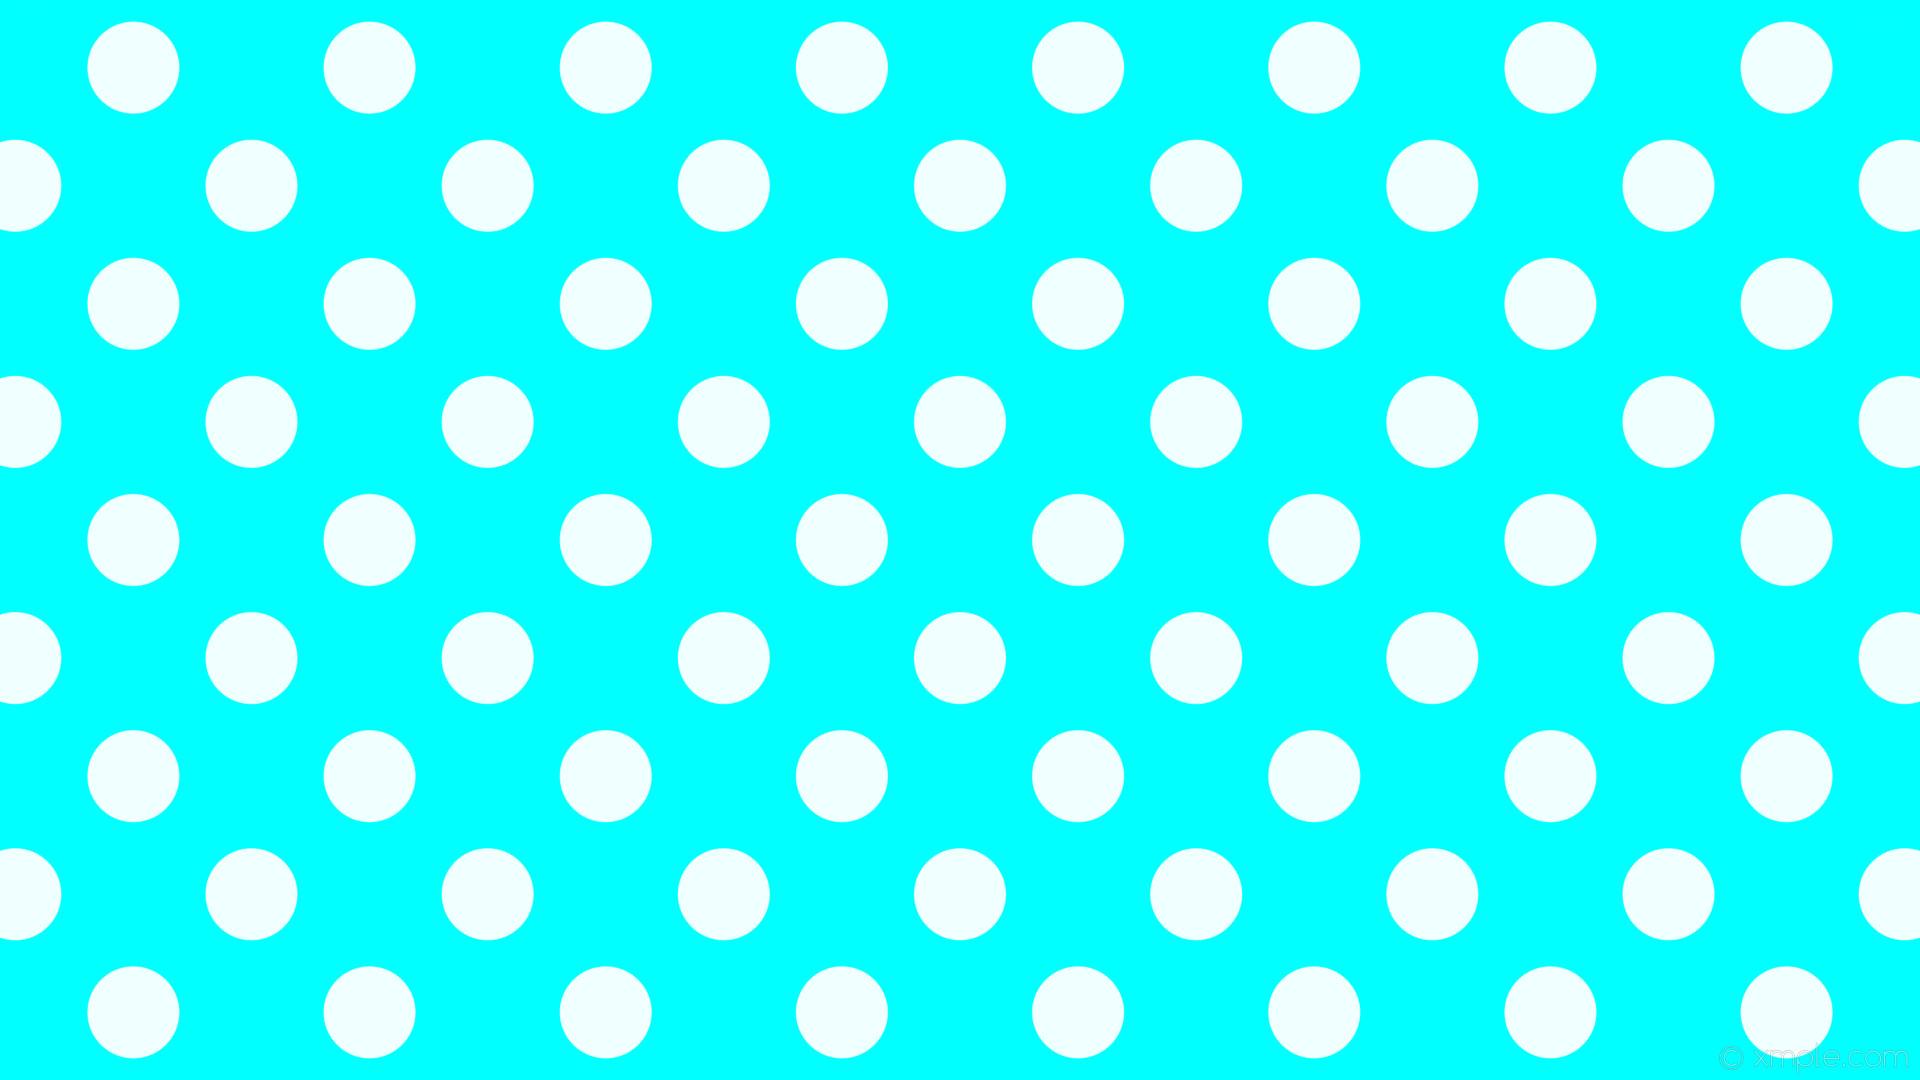 wallpaper dots blue white polka spots aqua cyan azure #00ffff #f0ffff 315°  92px